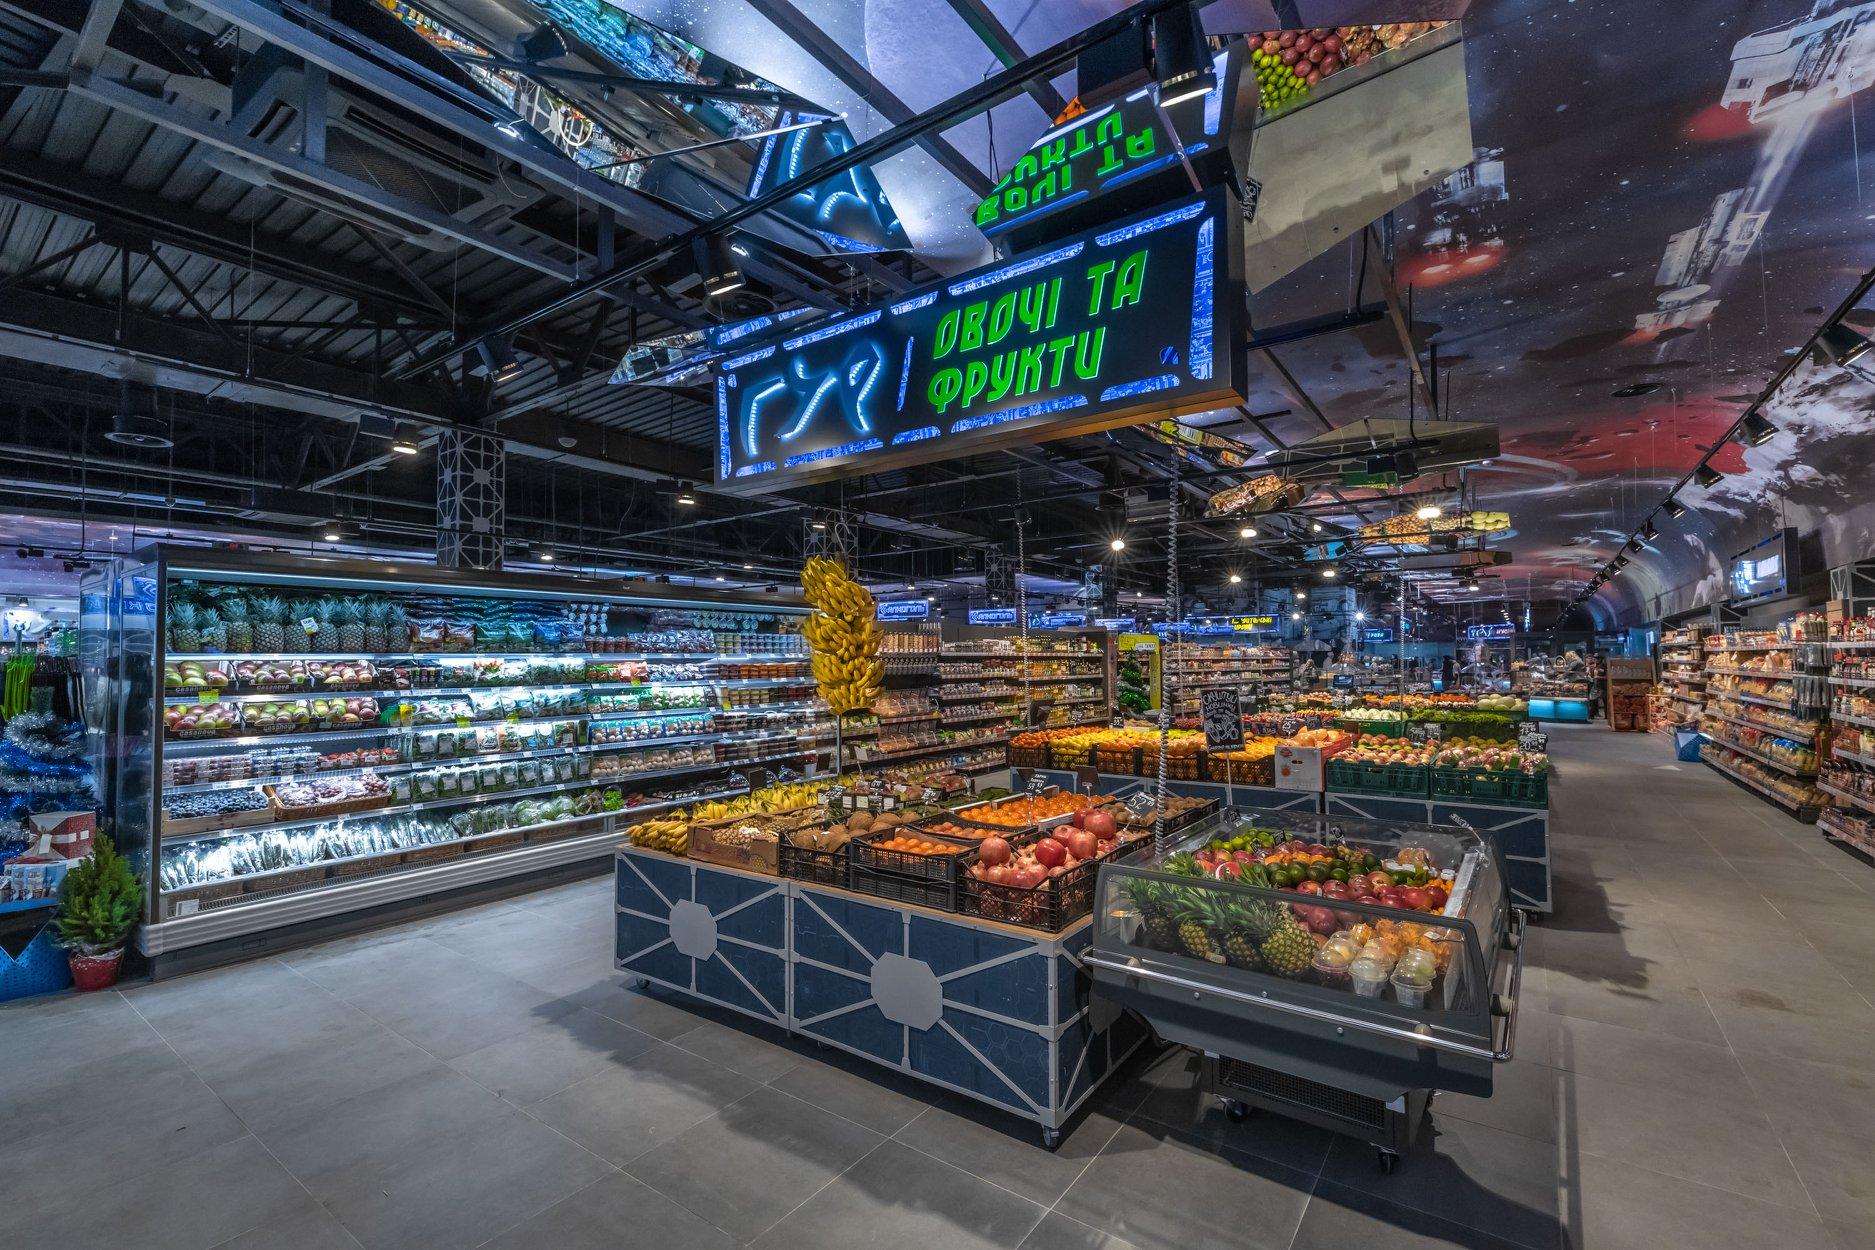 21 грудня Fozzy Group відкрила новий супермаркет Сільпо з новим  концептуальним дизайном – в космічному стилі в Харкові на проспекті  Гагаріна bd3432137eb7f